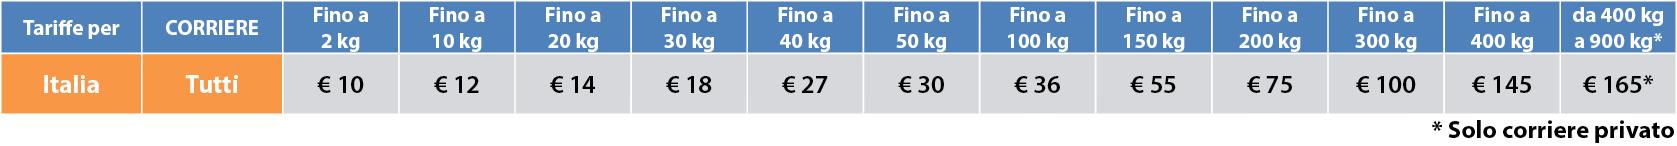 Tabella costi di spedizione per l'Italia